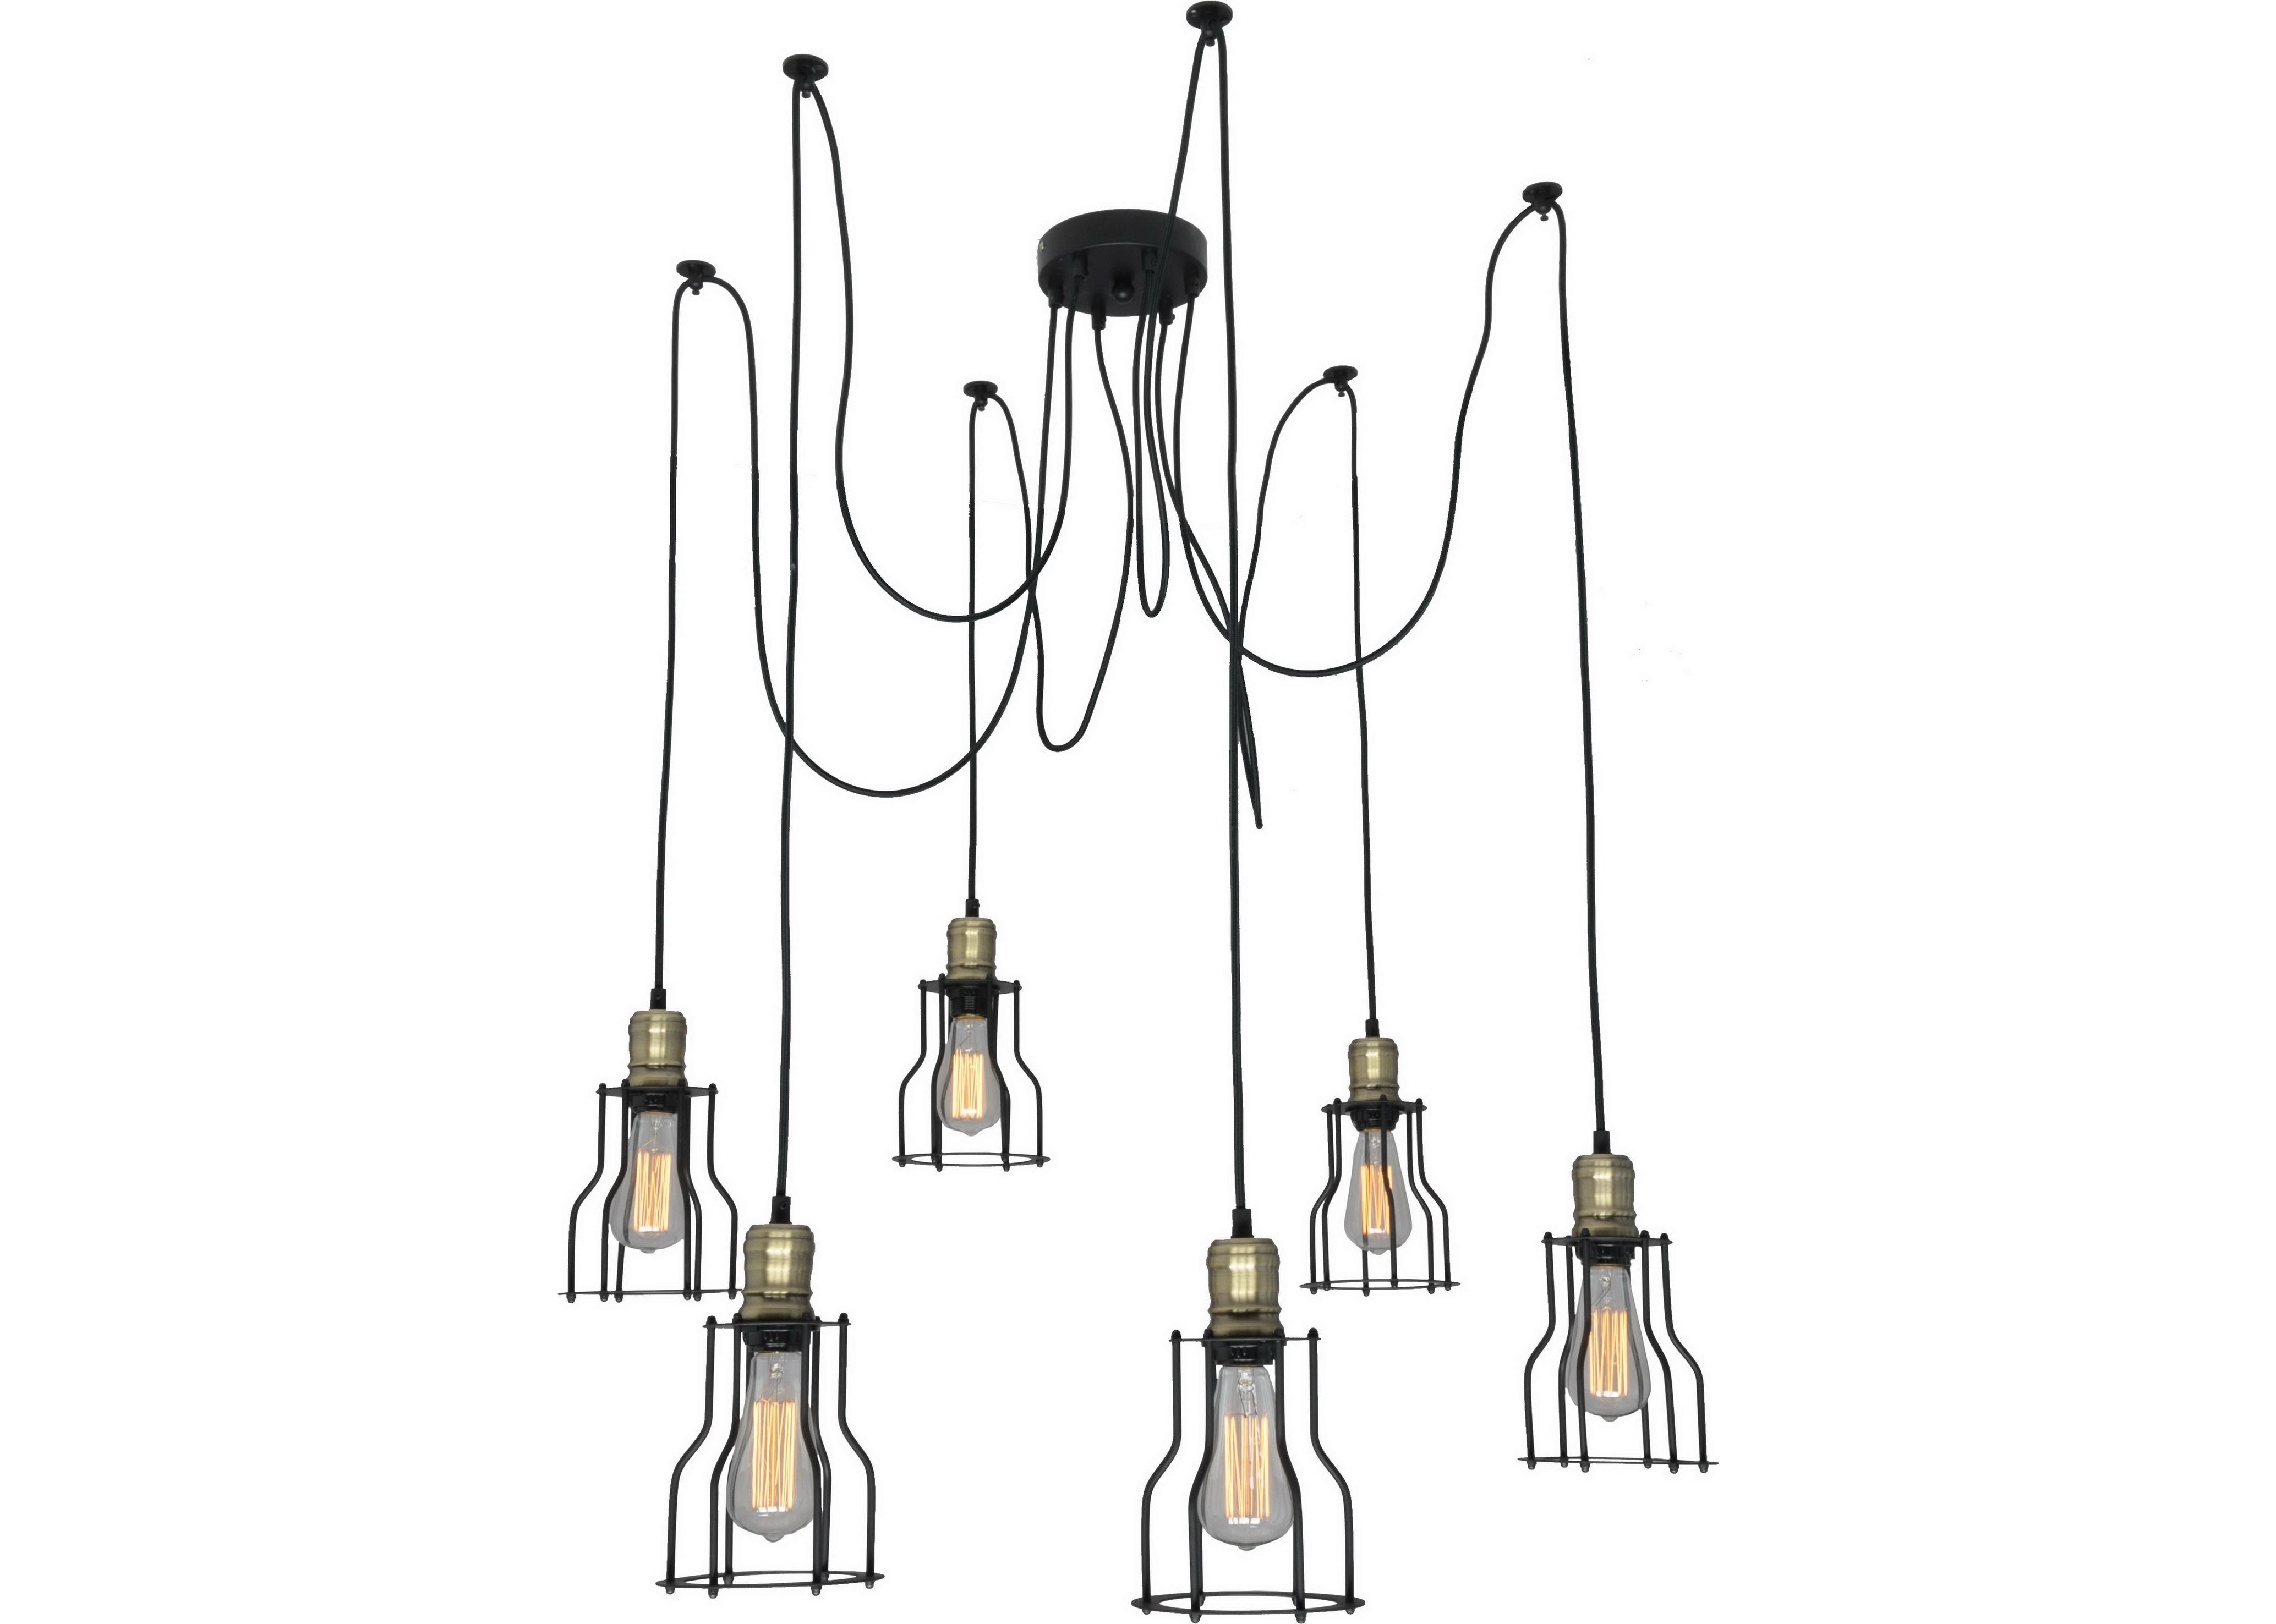 Подвесной светильникПодвесные светильники<br>Материал: металл<br>Лампочки в комплекте: 6*60W<br>Цоколь: E27<br>Цвет: черный, латунь<br><br>Material: Металл<br>Height см: 200<br>Diameter см: 60